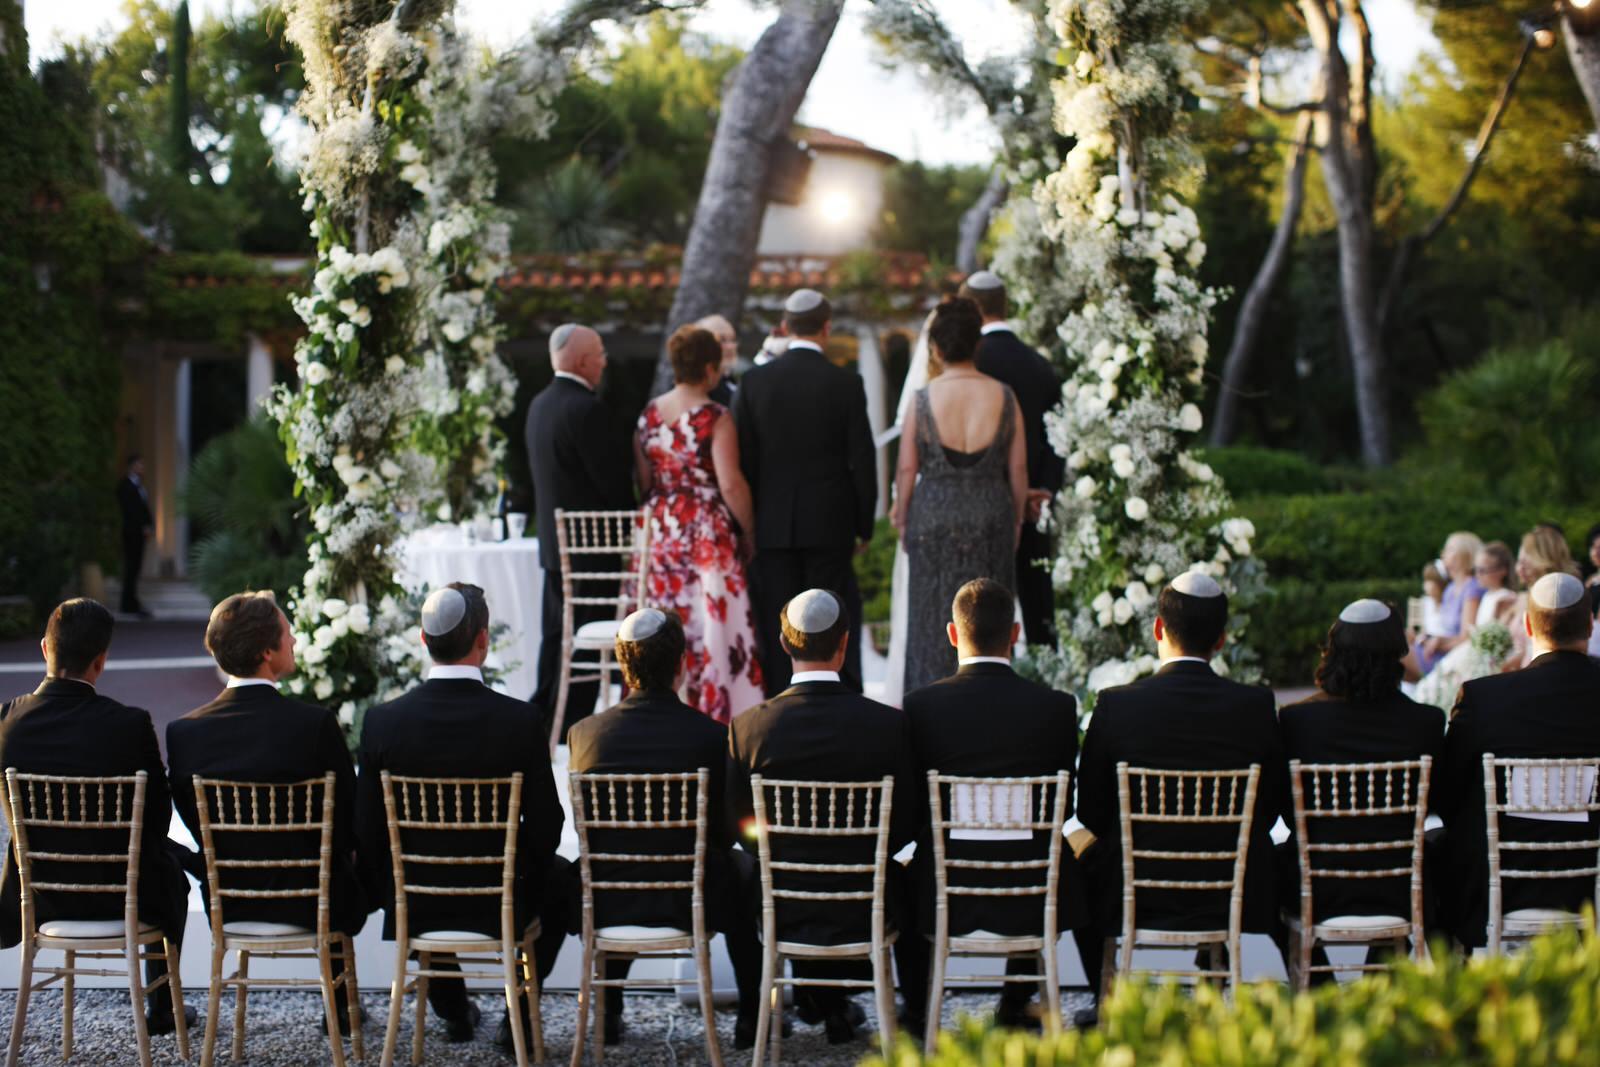 french-wedding-wedding-in-france-destination-wedding-photographer_0017.jpg